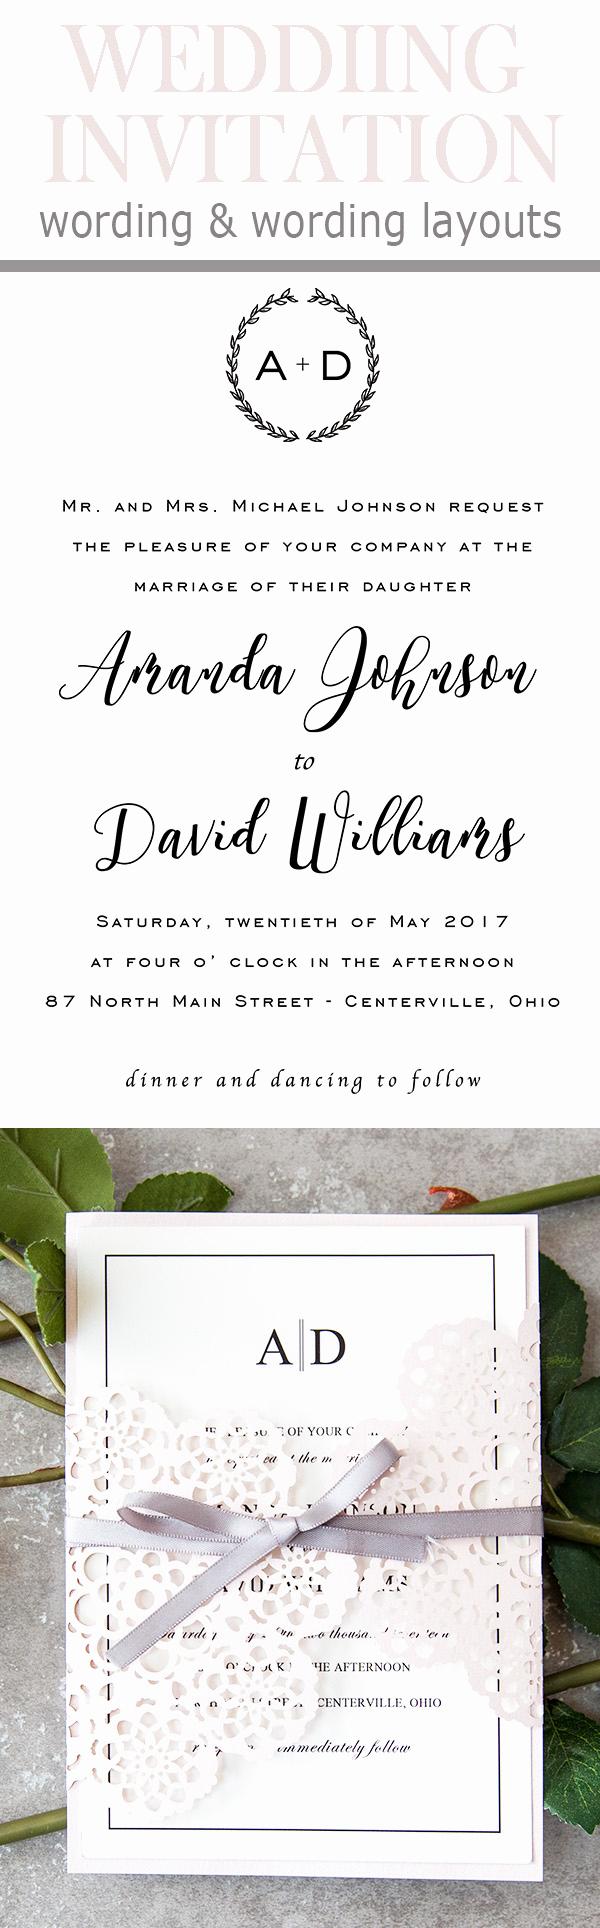 Catholic Wedding Invitation Wordings Unique 20 Popular Wedding Invitation Wording & Diy Templates Ideas